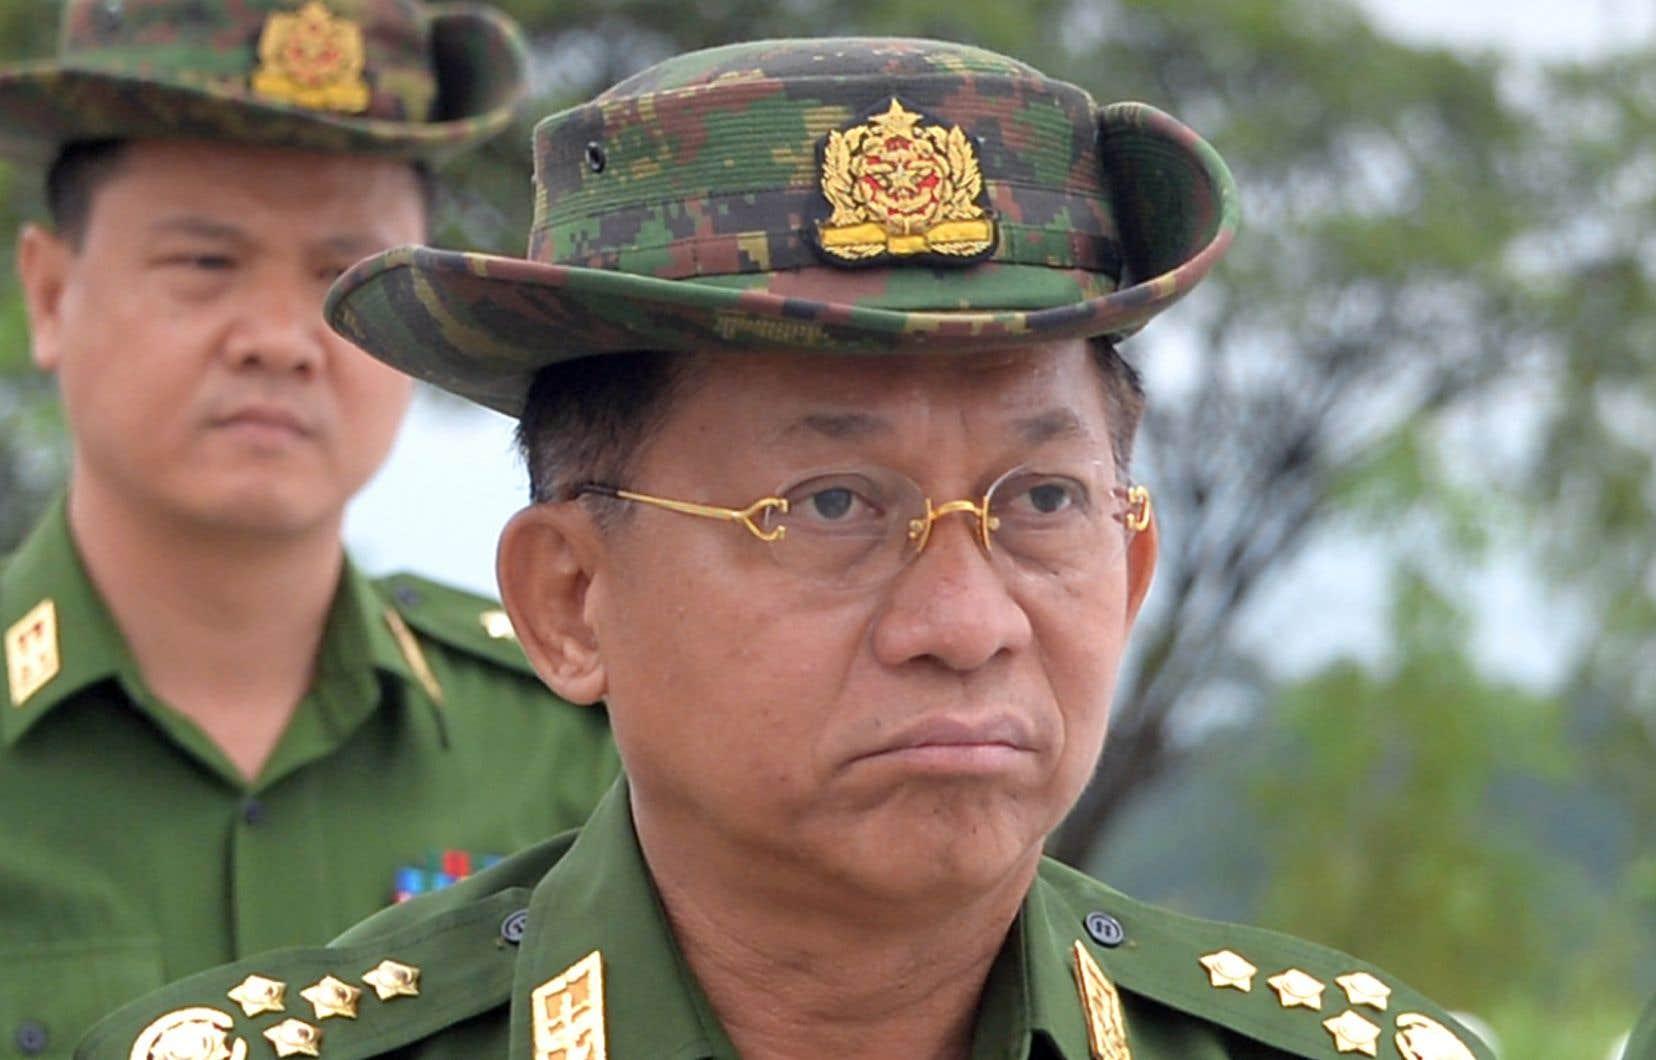 La mission de l'ONU demande le limogeage du commandant en chef de l'armée myanmaraise, Min Aung Hlaing.